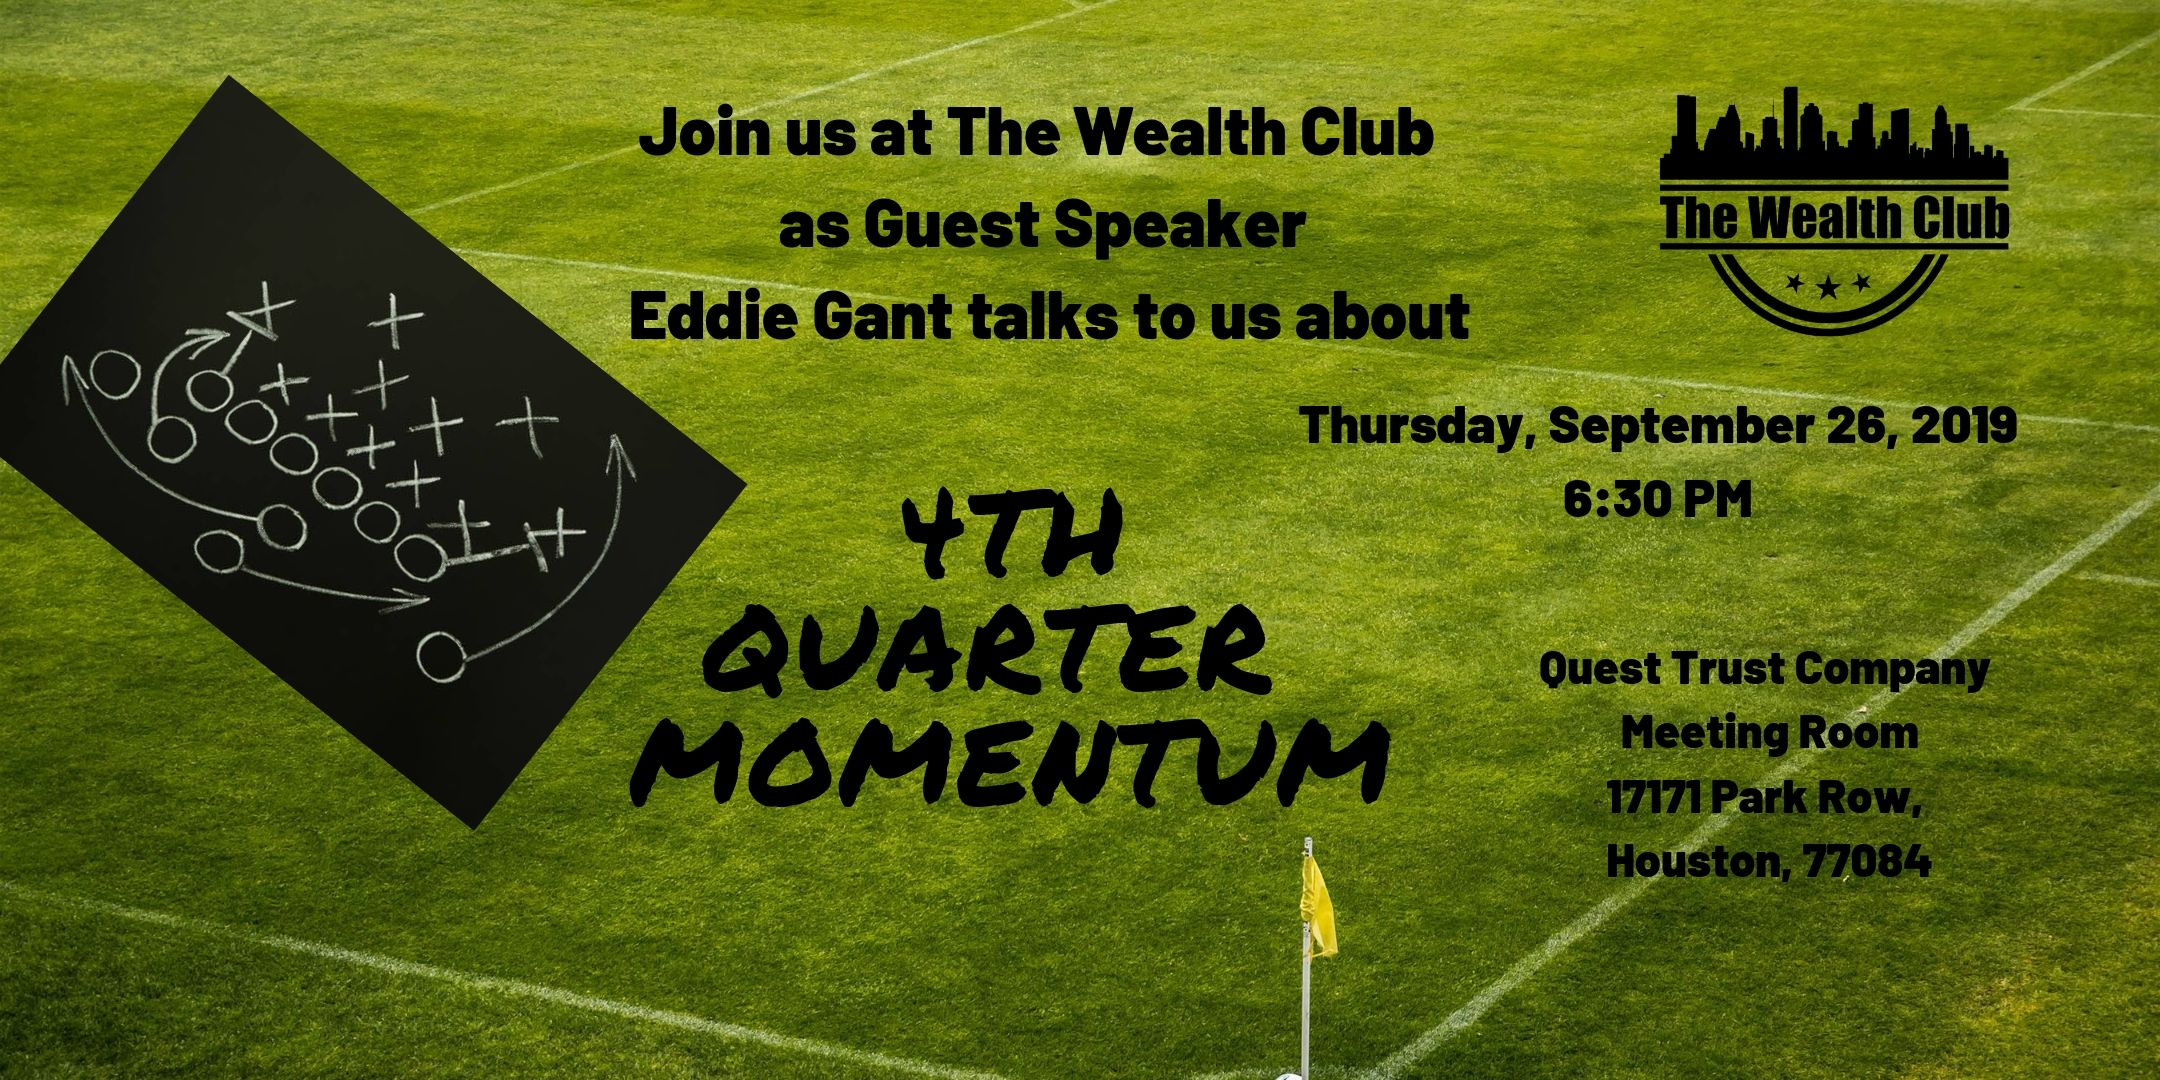 Eventbrite Sept 26 Meeting